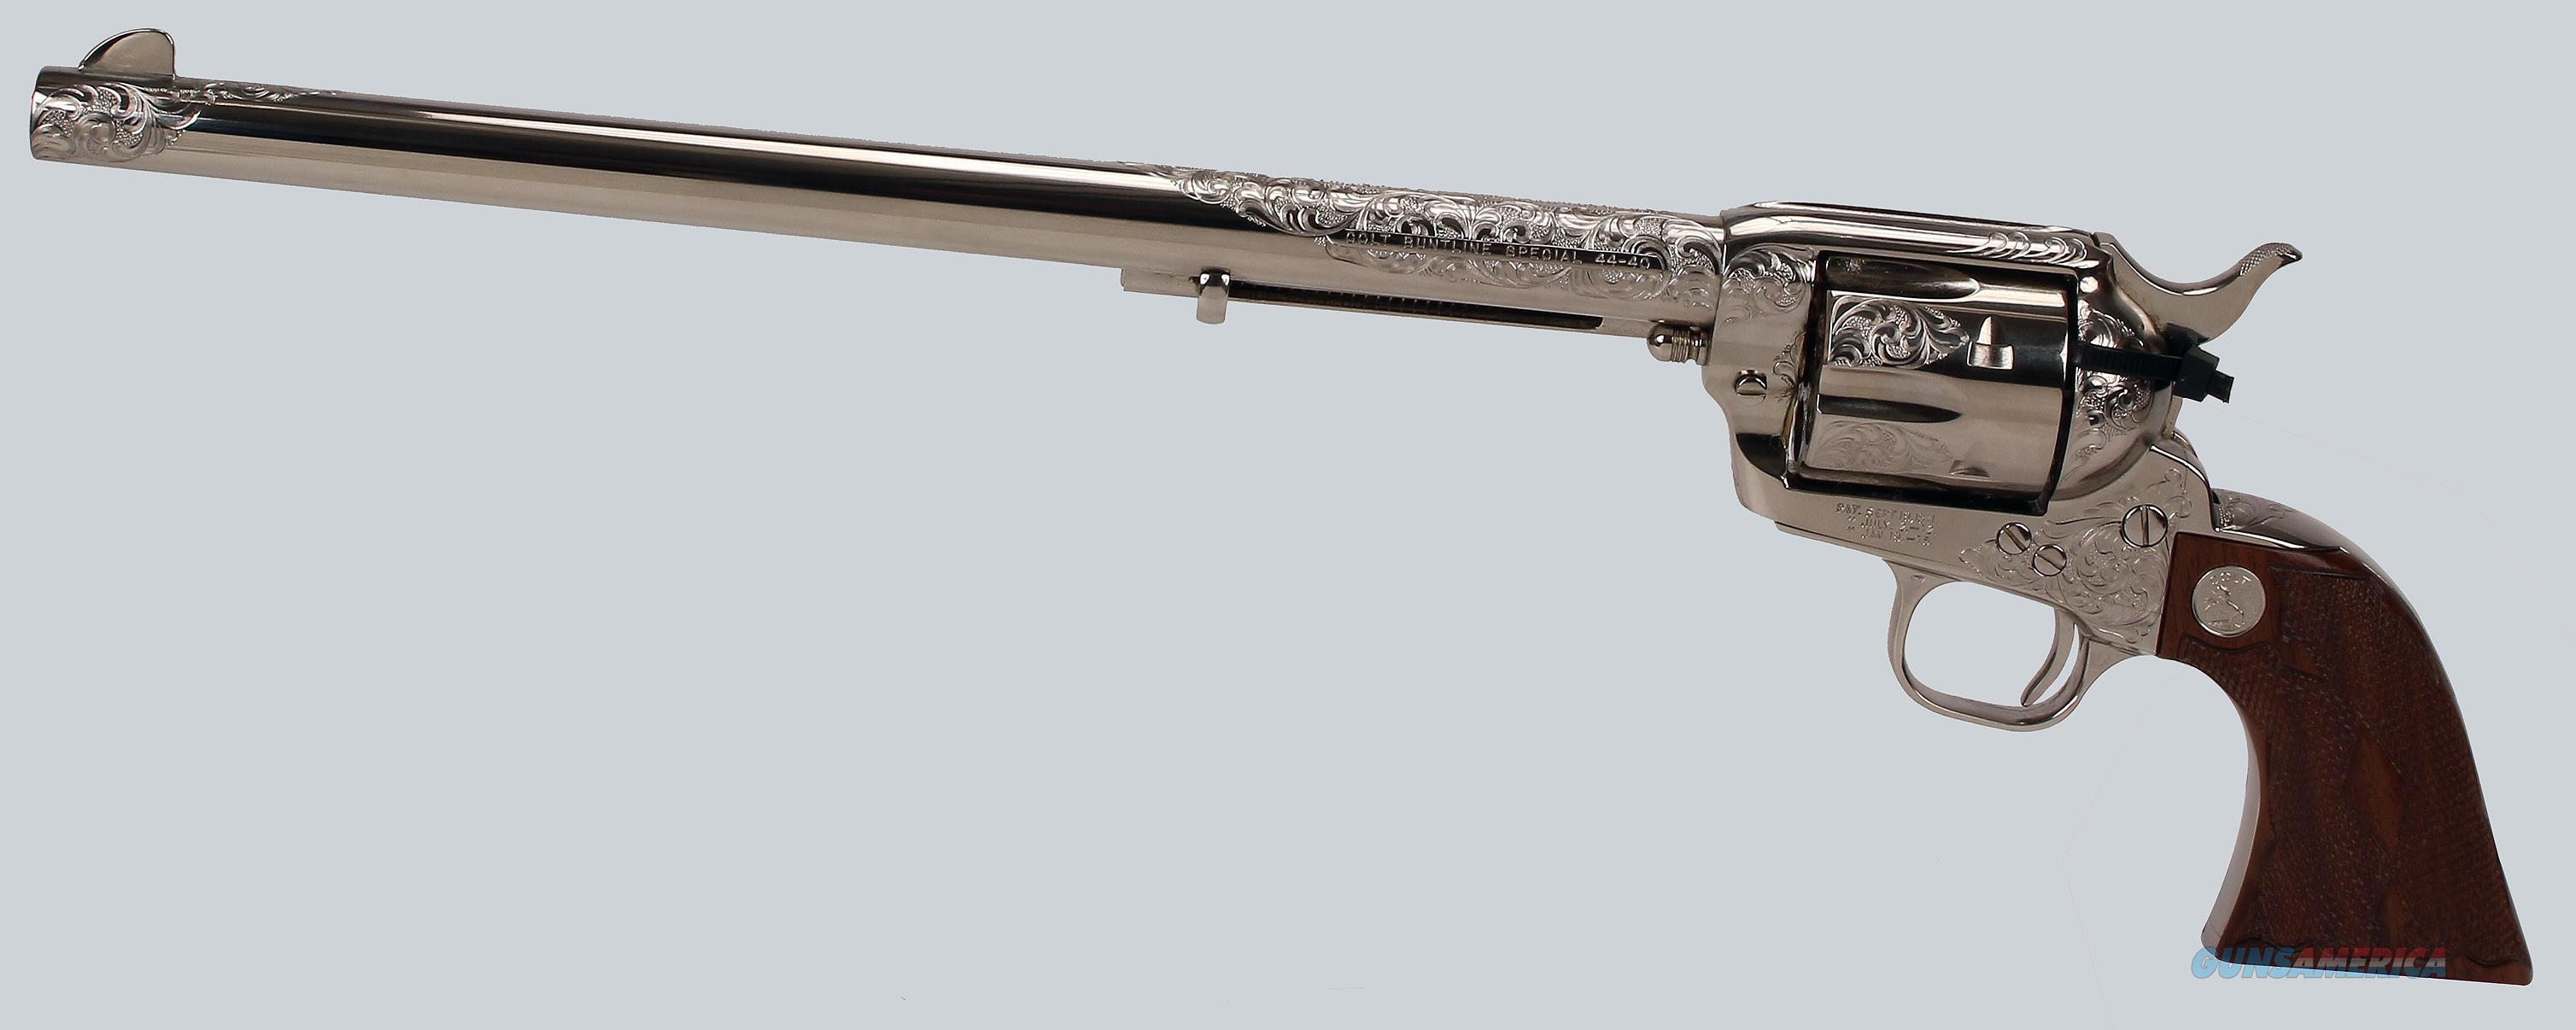 Colt SAA 3rd Gen 44-40cal Buntline Special Revolver  Guns > Pistols > Colt Single Action Revolvers - 3rd Gen.